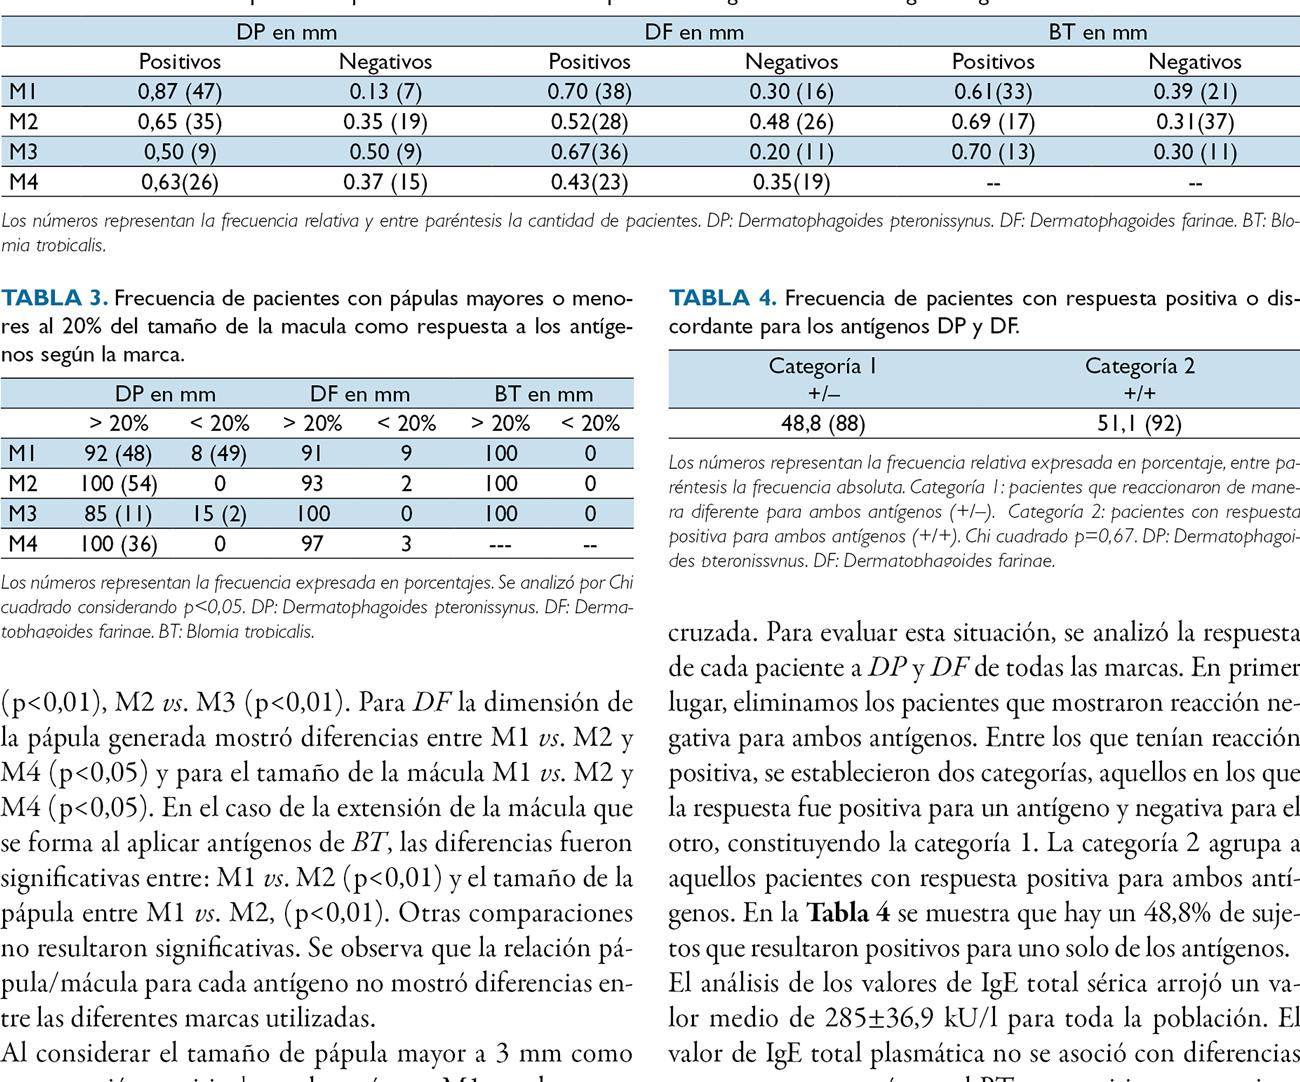 Estudio descriptivo de las características de la respuesta cutánea a prick tests con distintos ácaros del polvo doméstico en una población de pacientes atópicos